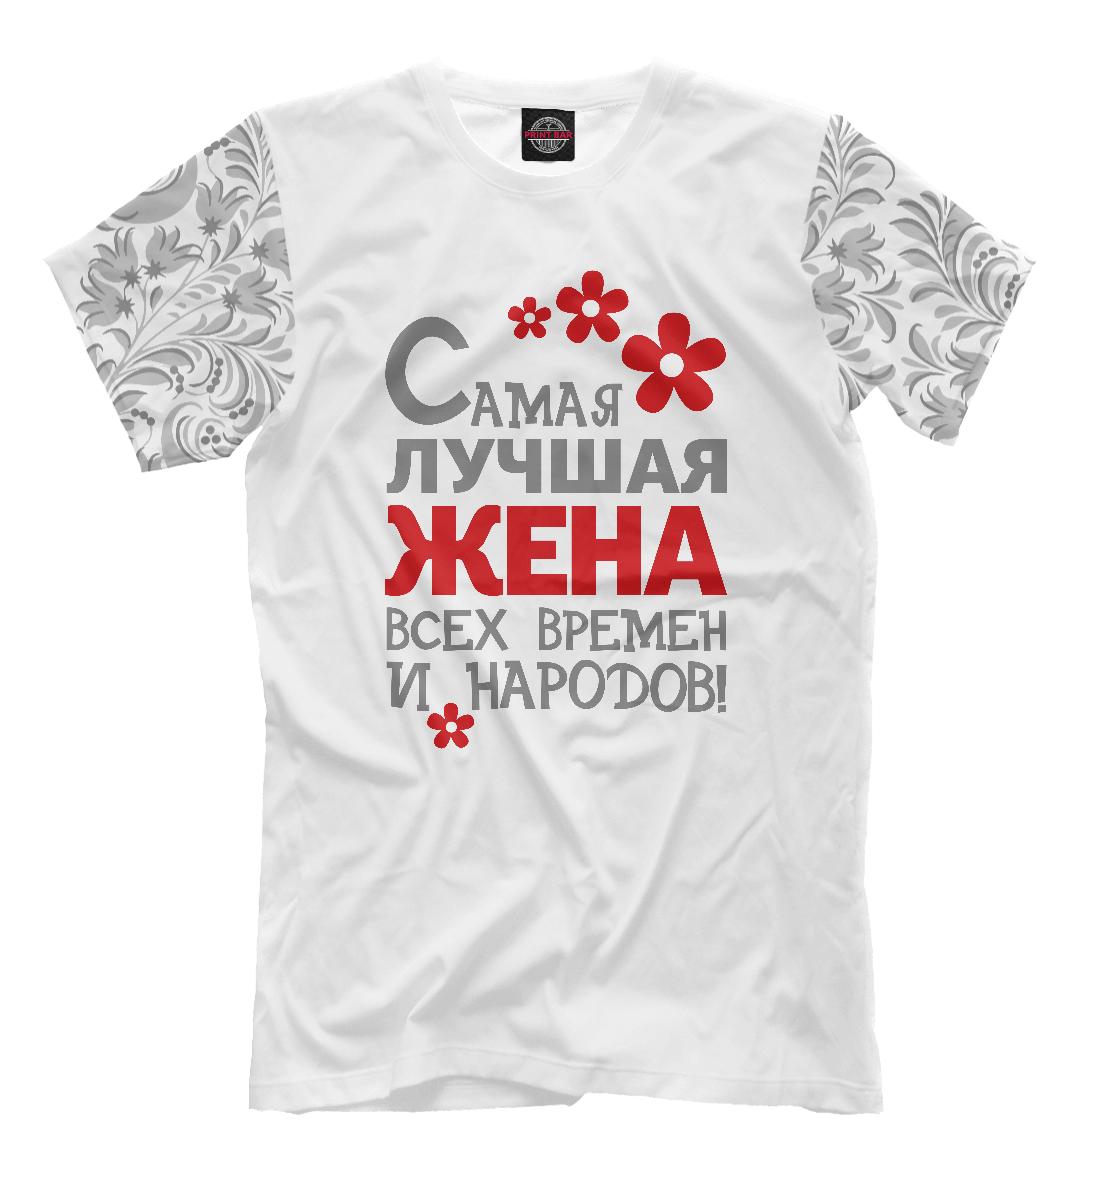 Купить Самая лучшая жена, Printbar, Футболки, -549244-fut-2